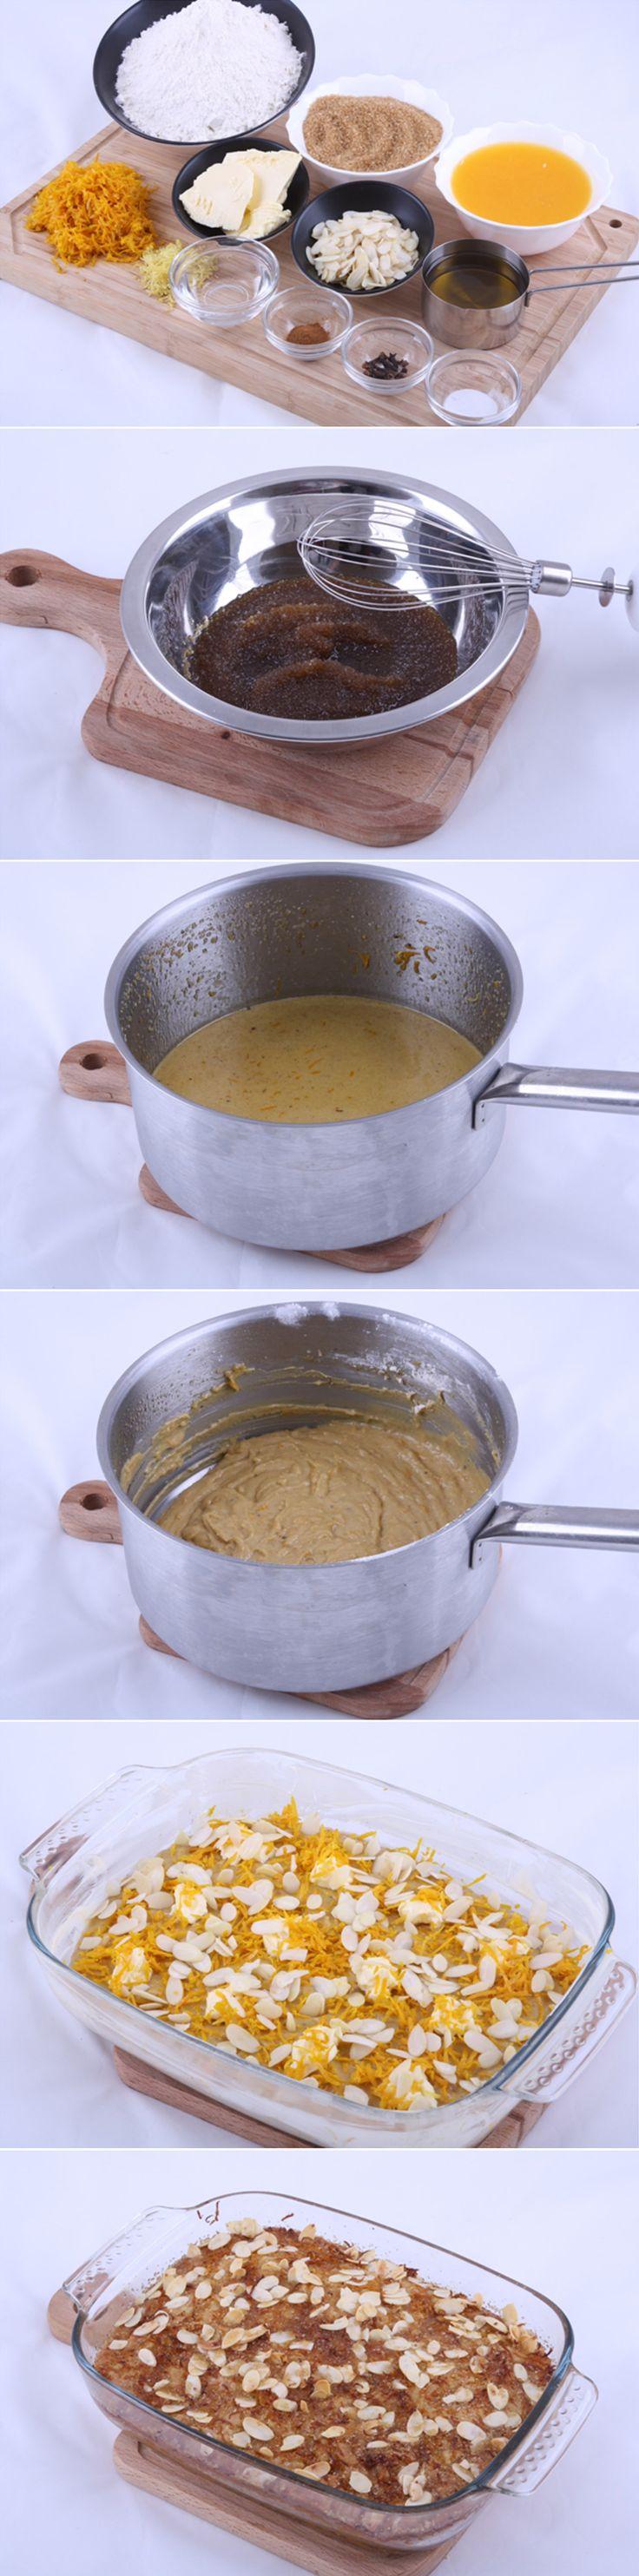 Критский апельсиновый пирог. Это невероятно вкусный десерт греческой кухни. Рецепт достаточно простой, ингредиенты доступны каждому, а результат получится превосходный. Перед этим ароматным пирогом не устоит даже тот, кто соблюдает диету! Ингредиенты и рецепт...http://vk.com/dinnerday; http://instagram.com/dinnerday #выпечка #кулинария #пирог #апельсин #десерт #тесто #миндаль #рецепт #еда #dinnerday #food #cook #recipe #baking #cookery #pie #orange #dessert #almond #dough